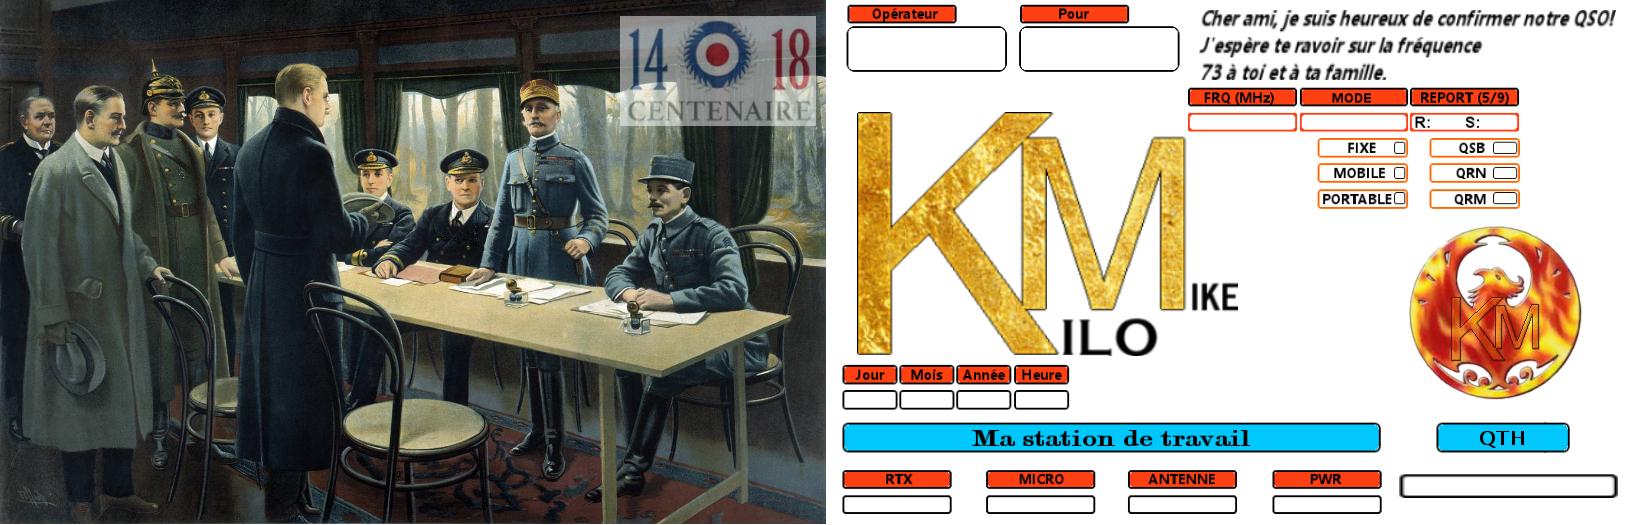 Accès au site + Listing des membres du Groupe Kilo Mike - Page 4 Km_cen10